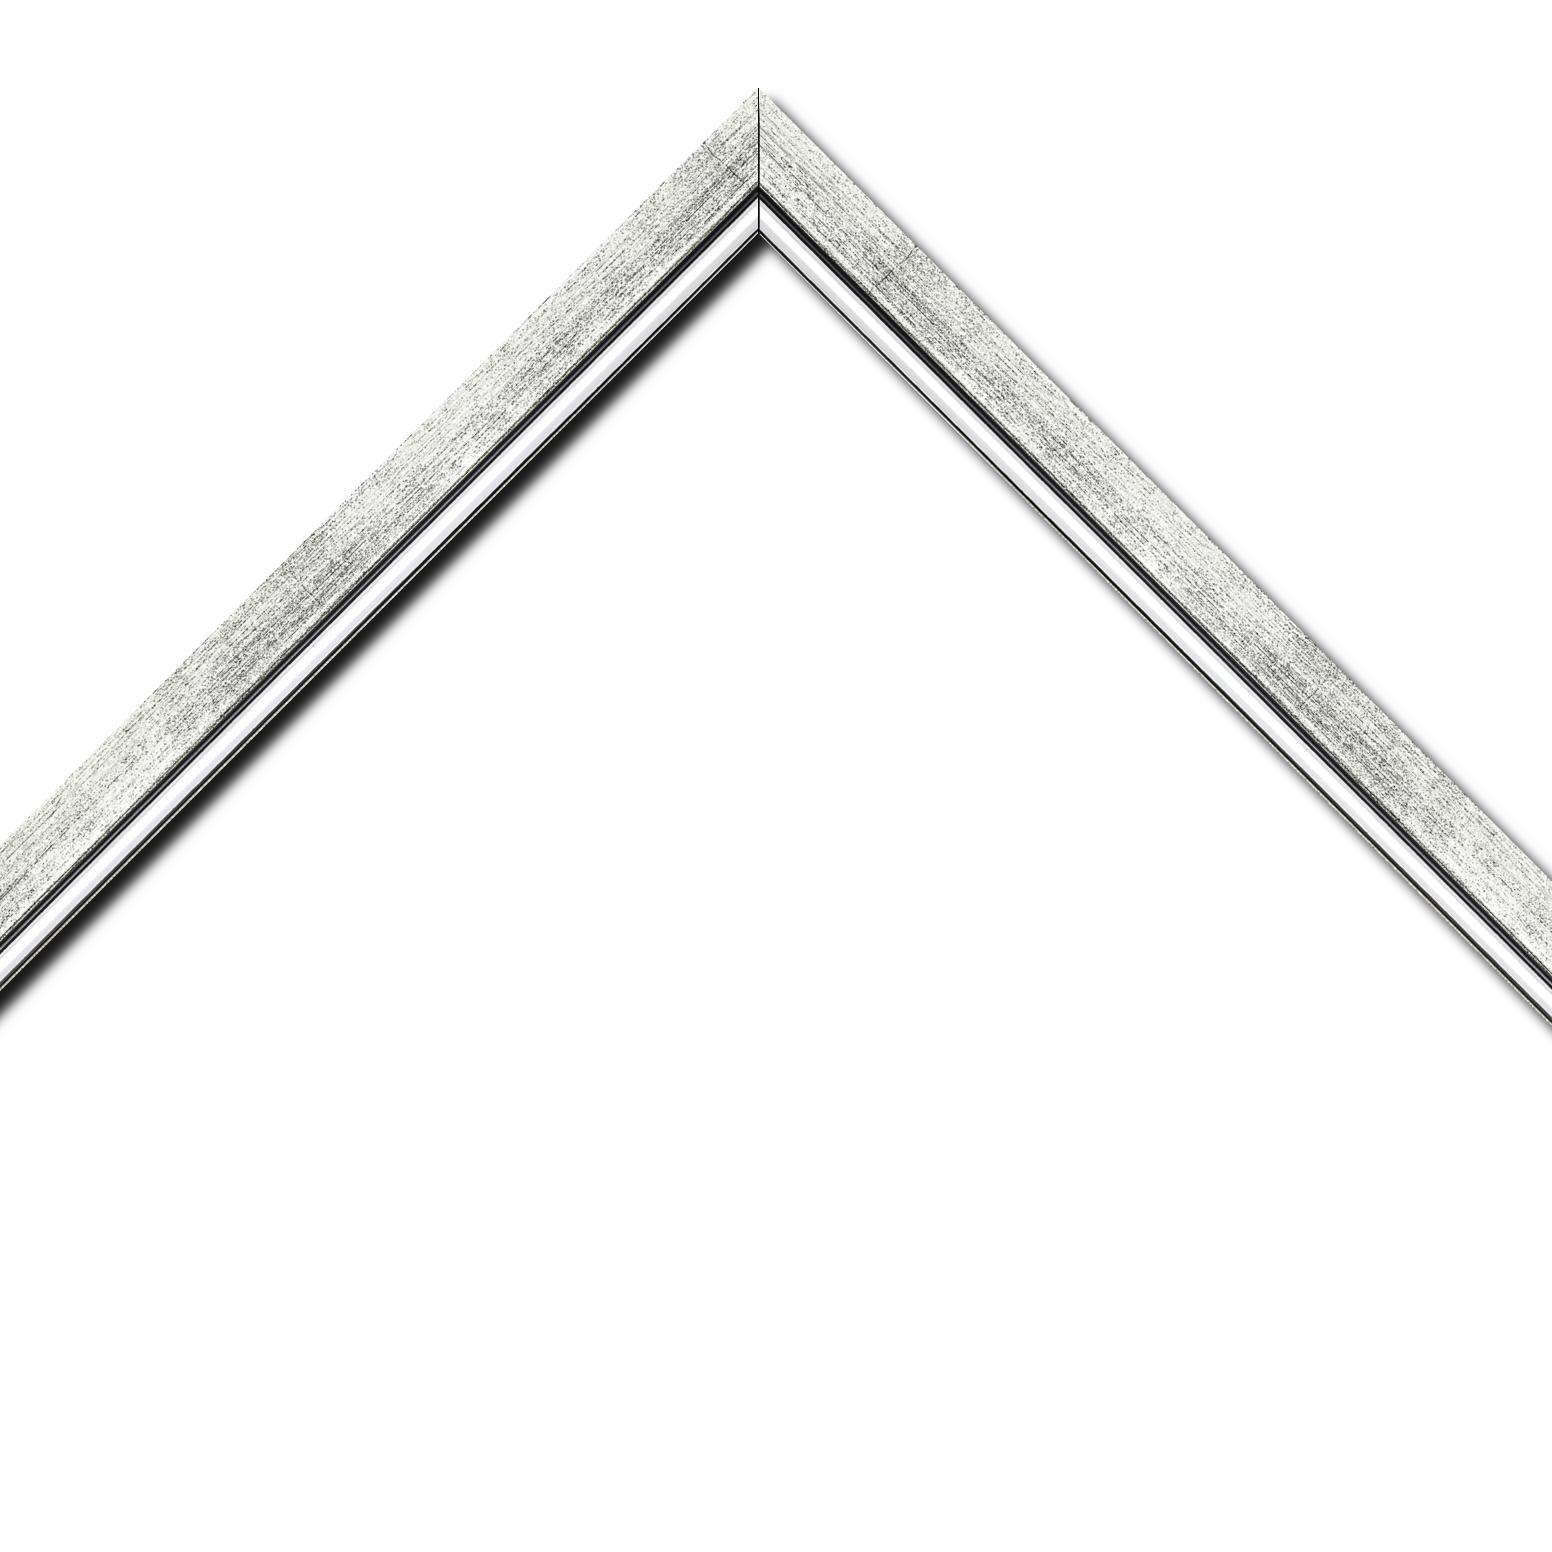 Baguette bois profil plat largeur 2.5cm couleur argent chaud filet argent froid surligné noir